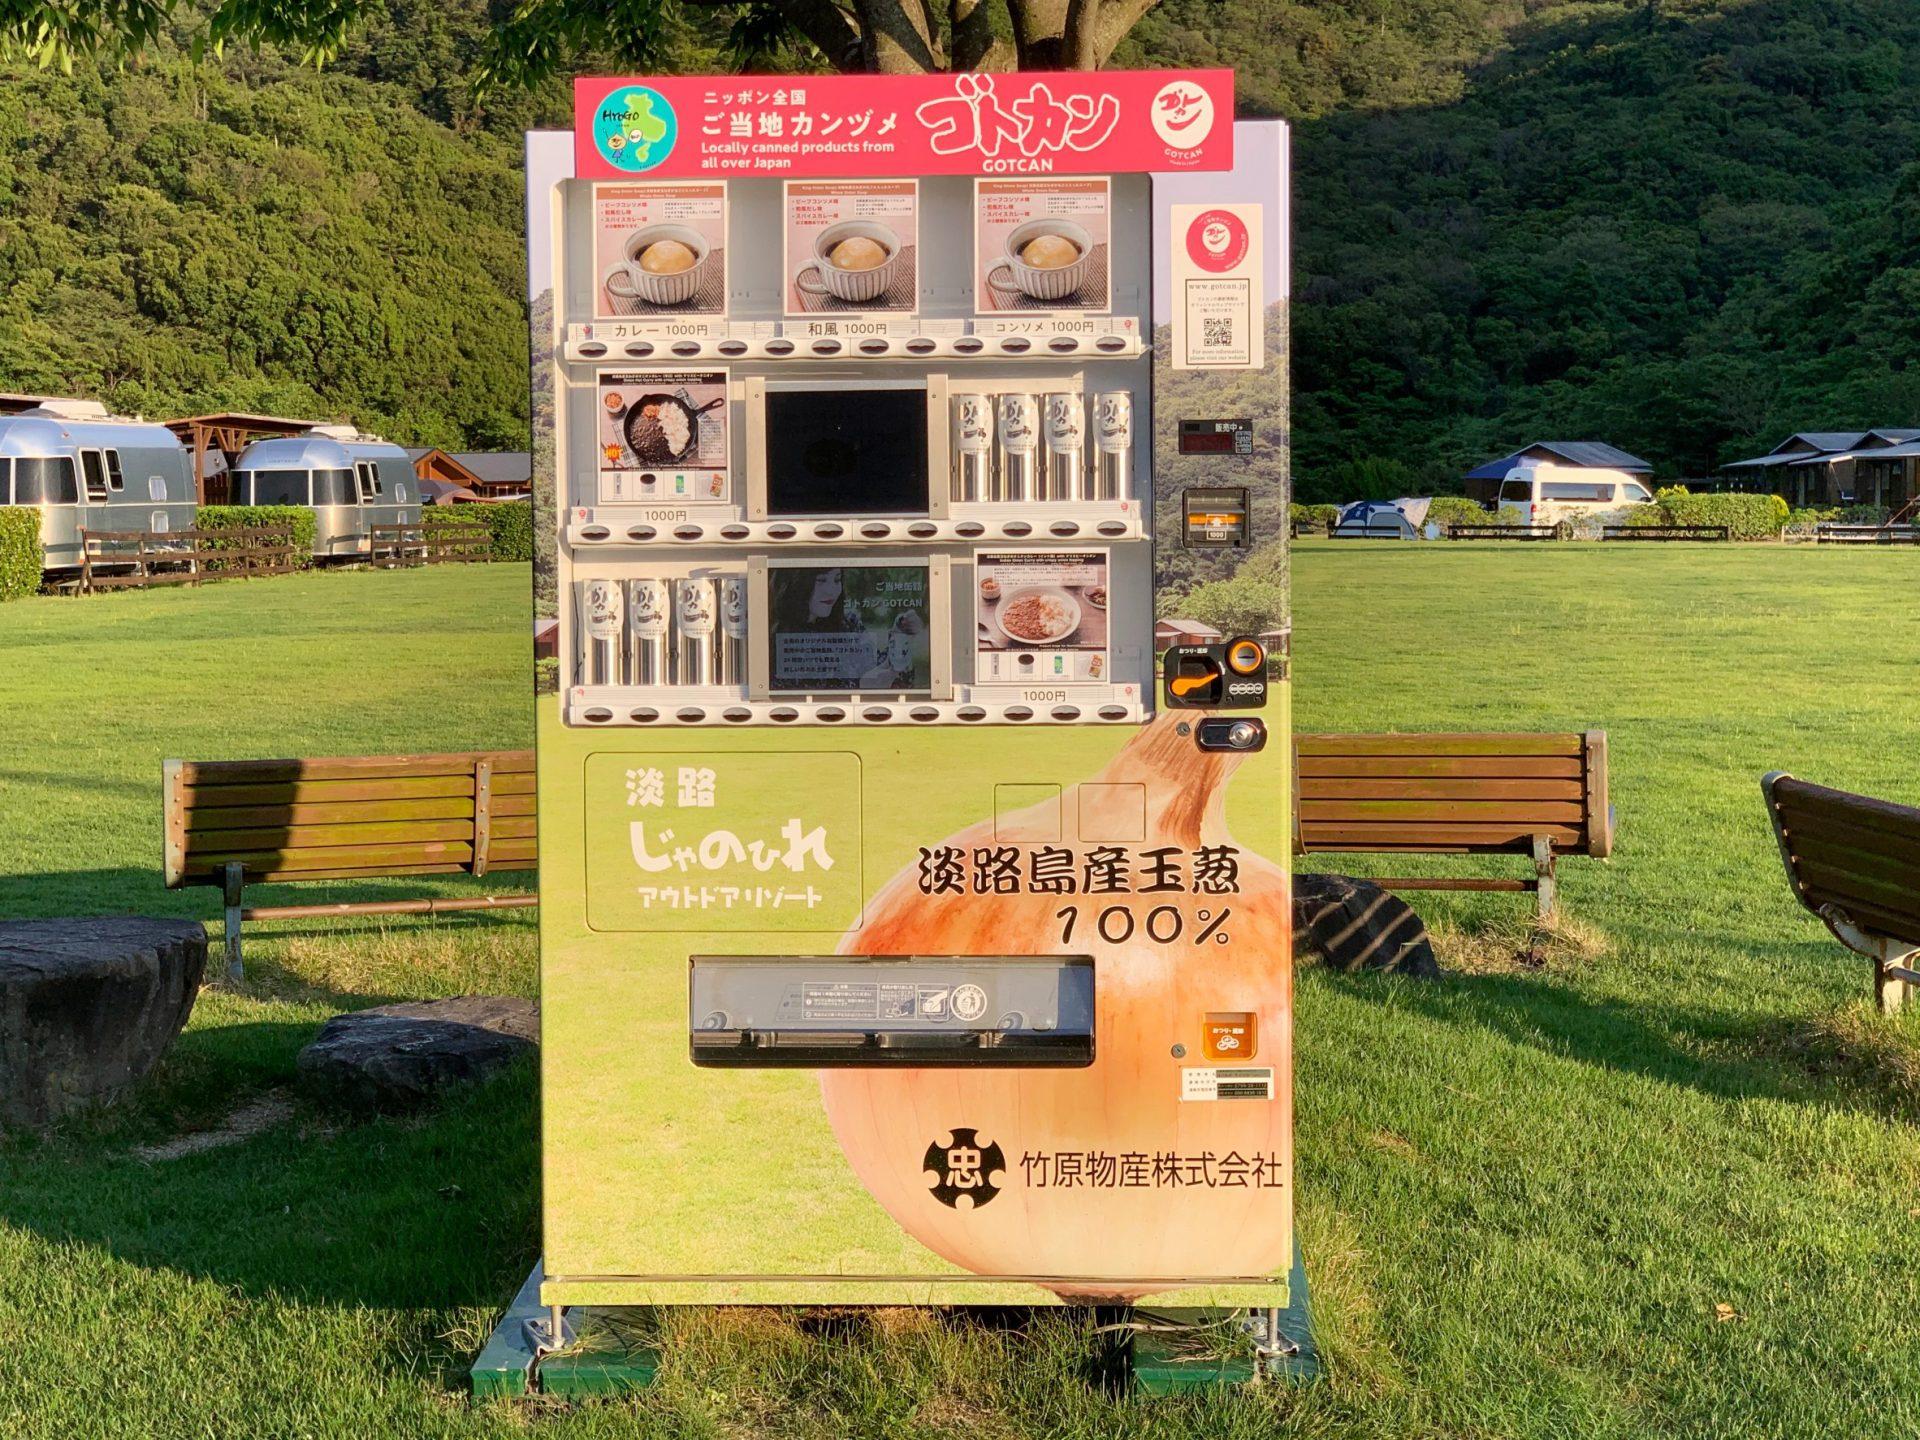 淡路島産玉ねぎを扱って60年以上。竹原物産(株)の本物にこだわった商品。